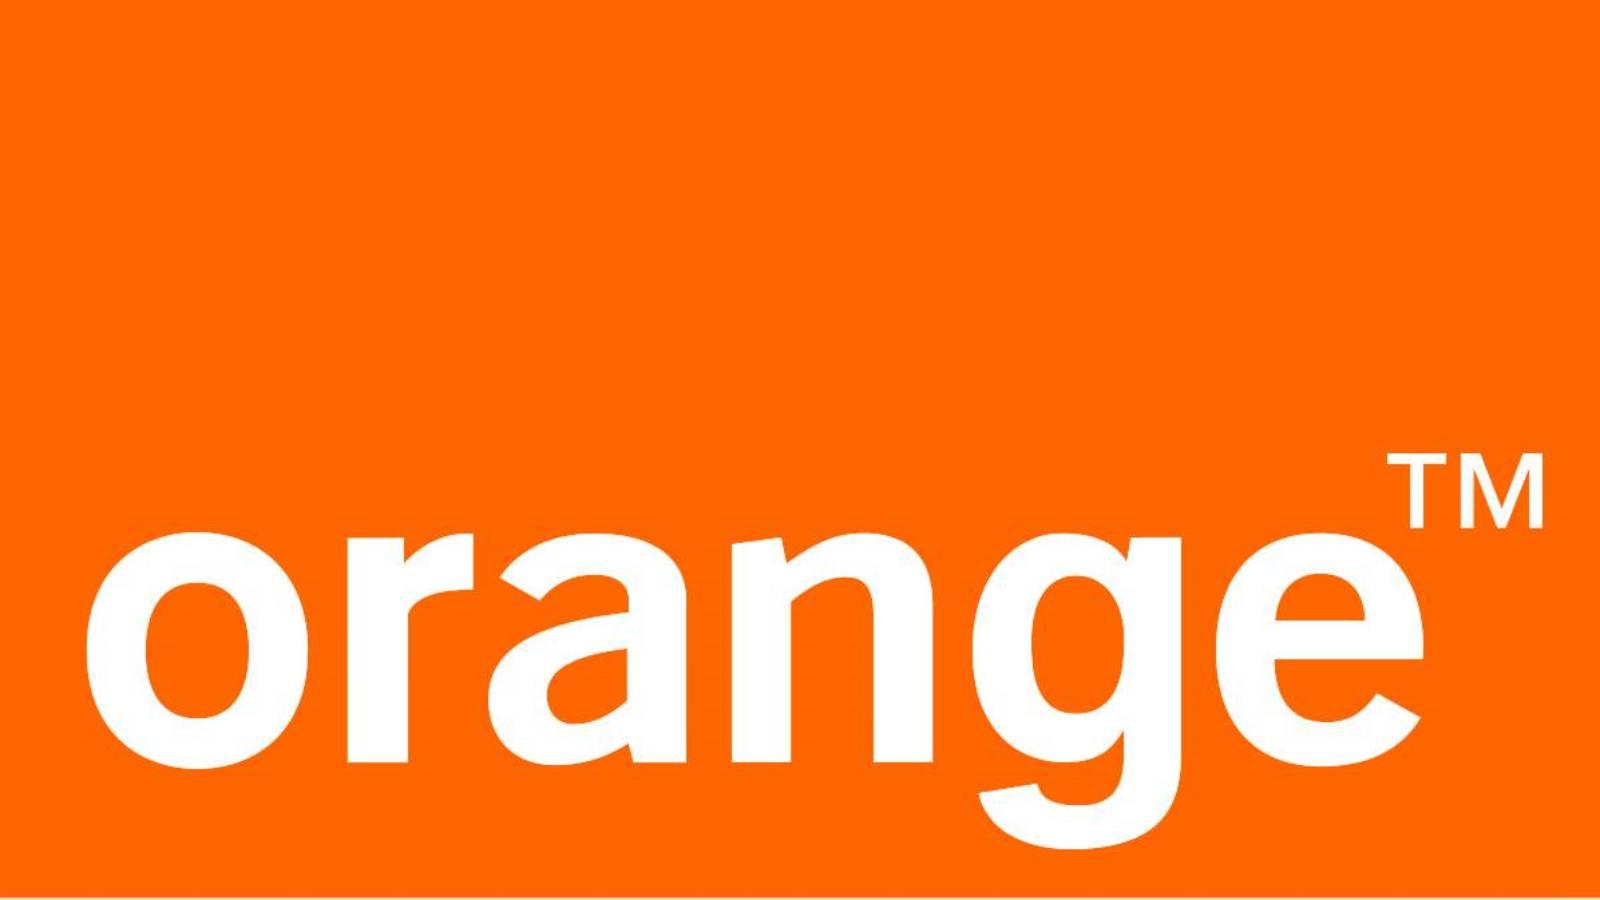 reteaua orange romania cazuta